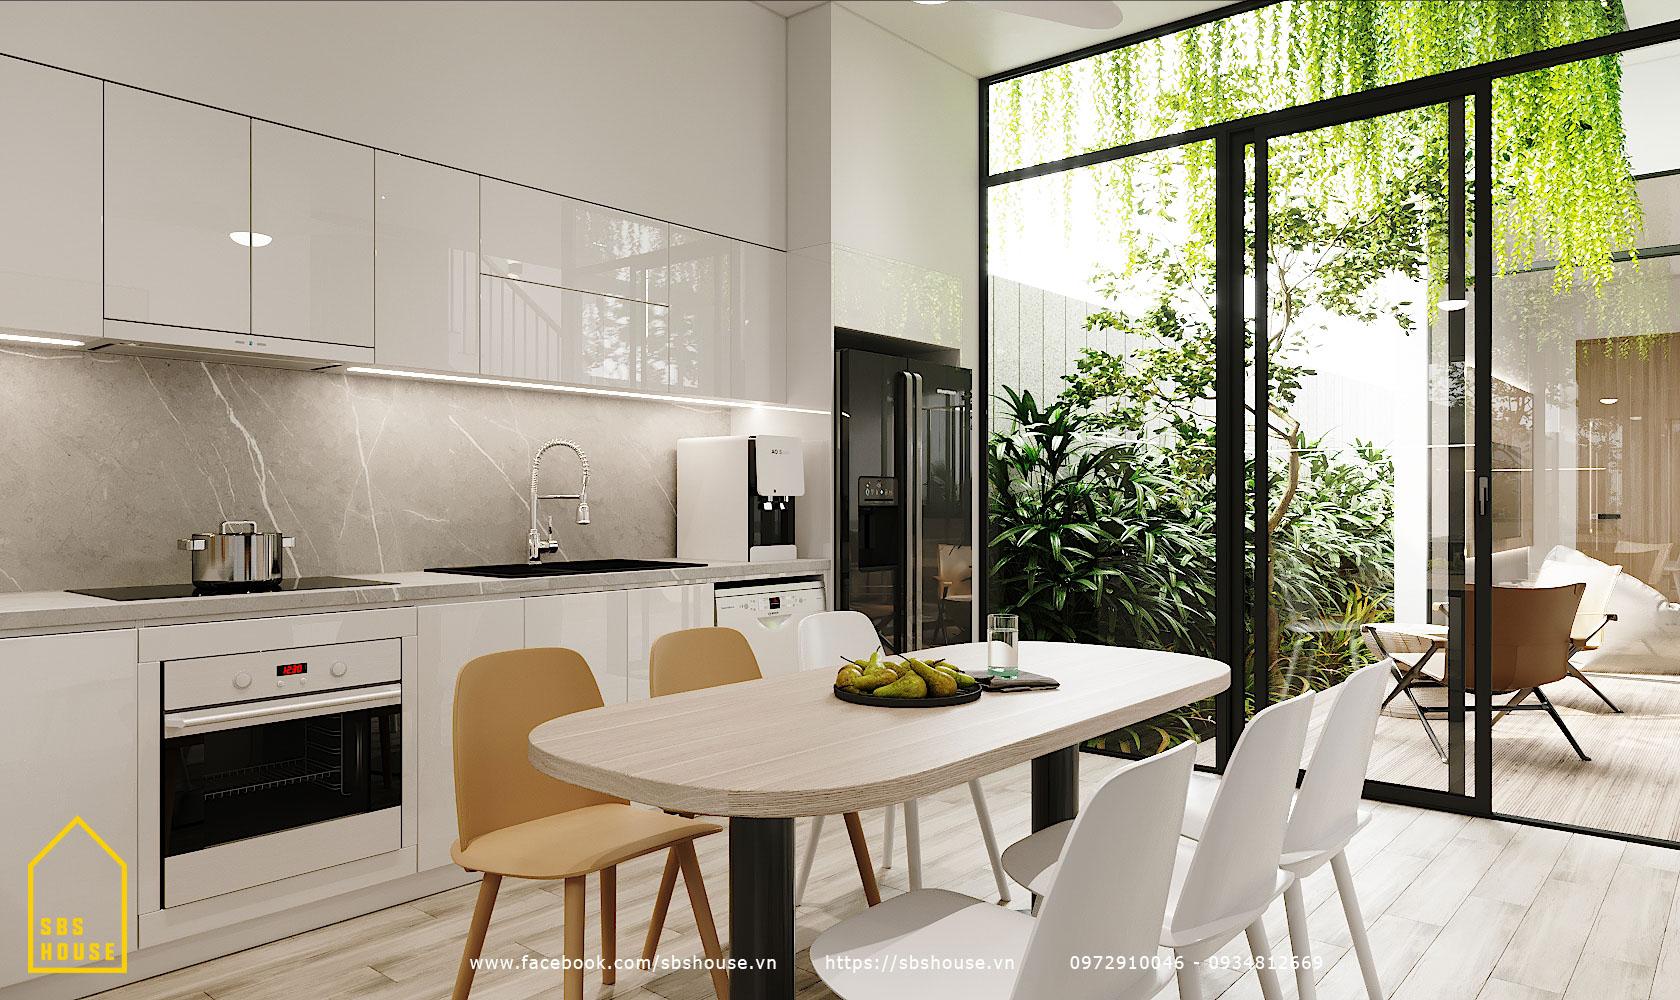 Phòng bếp ăn thiết kế tối giản